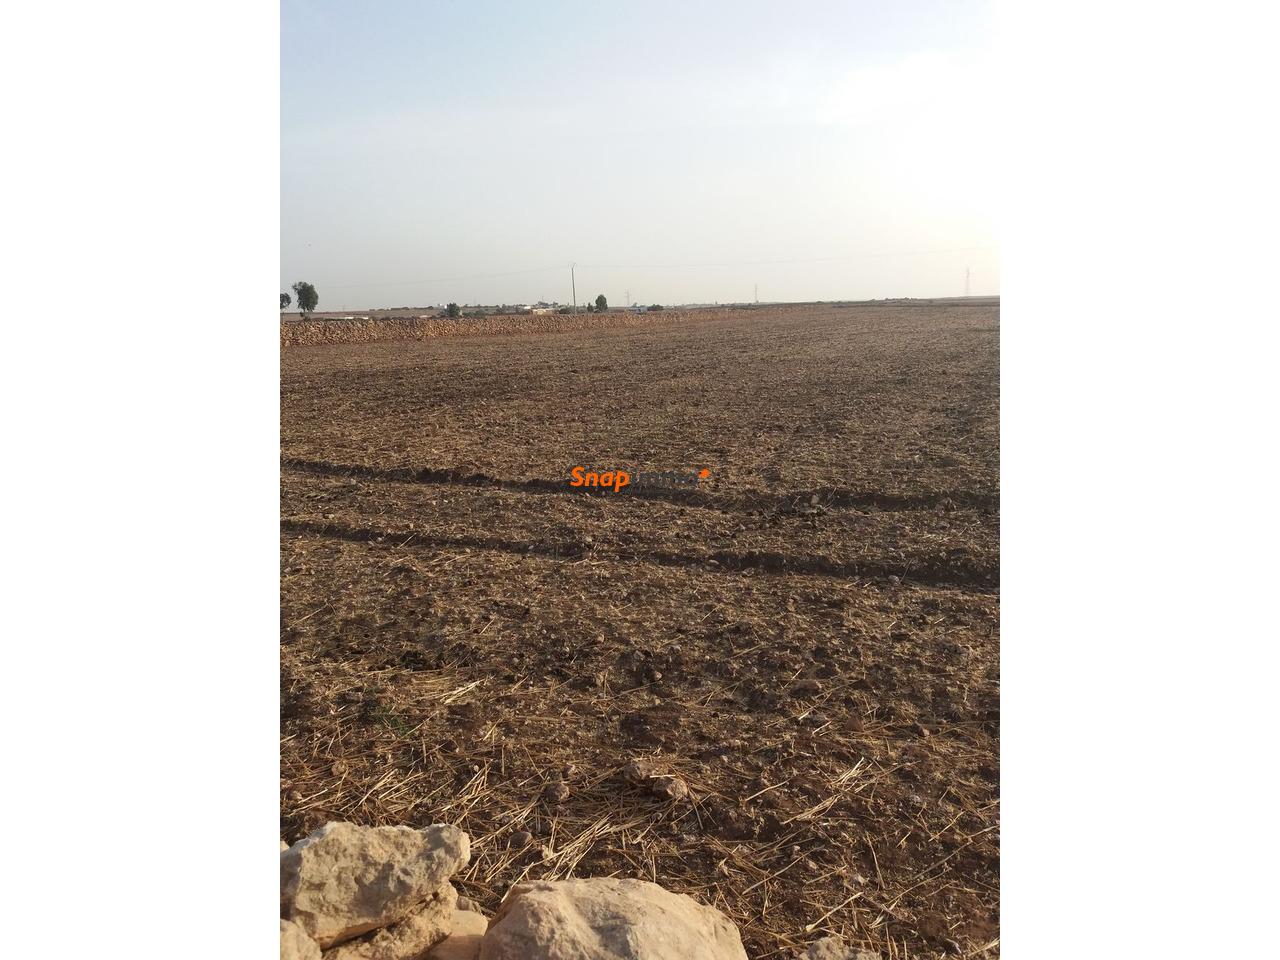 Terrain 1.5 hectare o nase a sidi ismail el jadida - 1/4